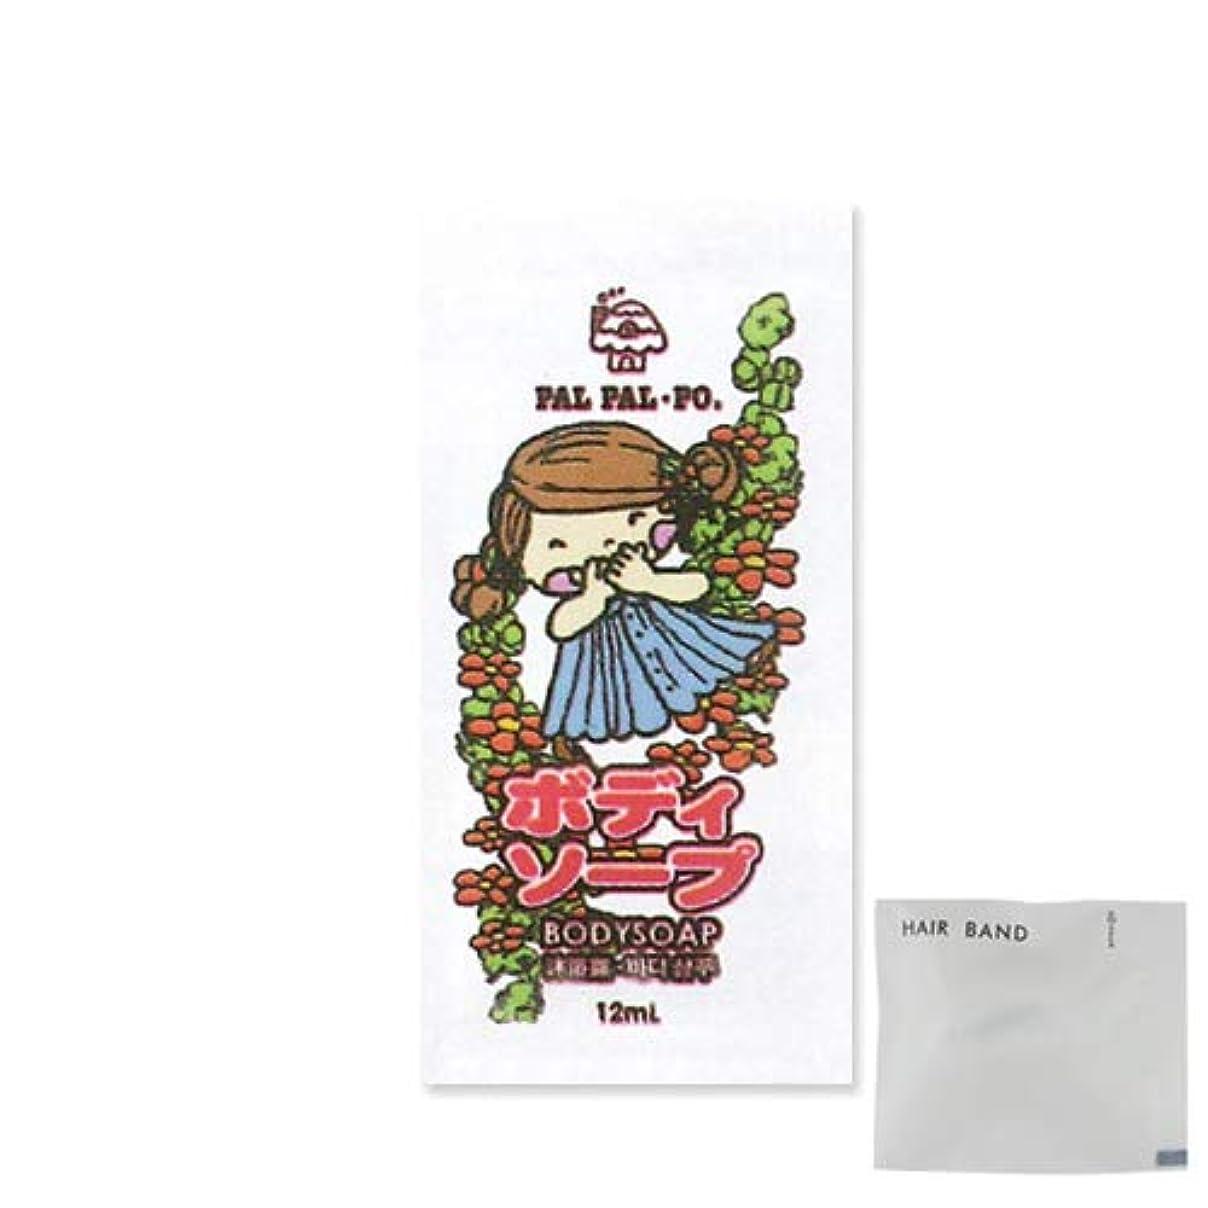 パルパルポー(PAL PAL?PO) 子供用 ボディソープ(12mL) フローラルの香り ×20個セット + ヘアゴム(カラーはおまかせ)セット